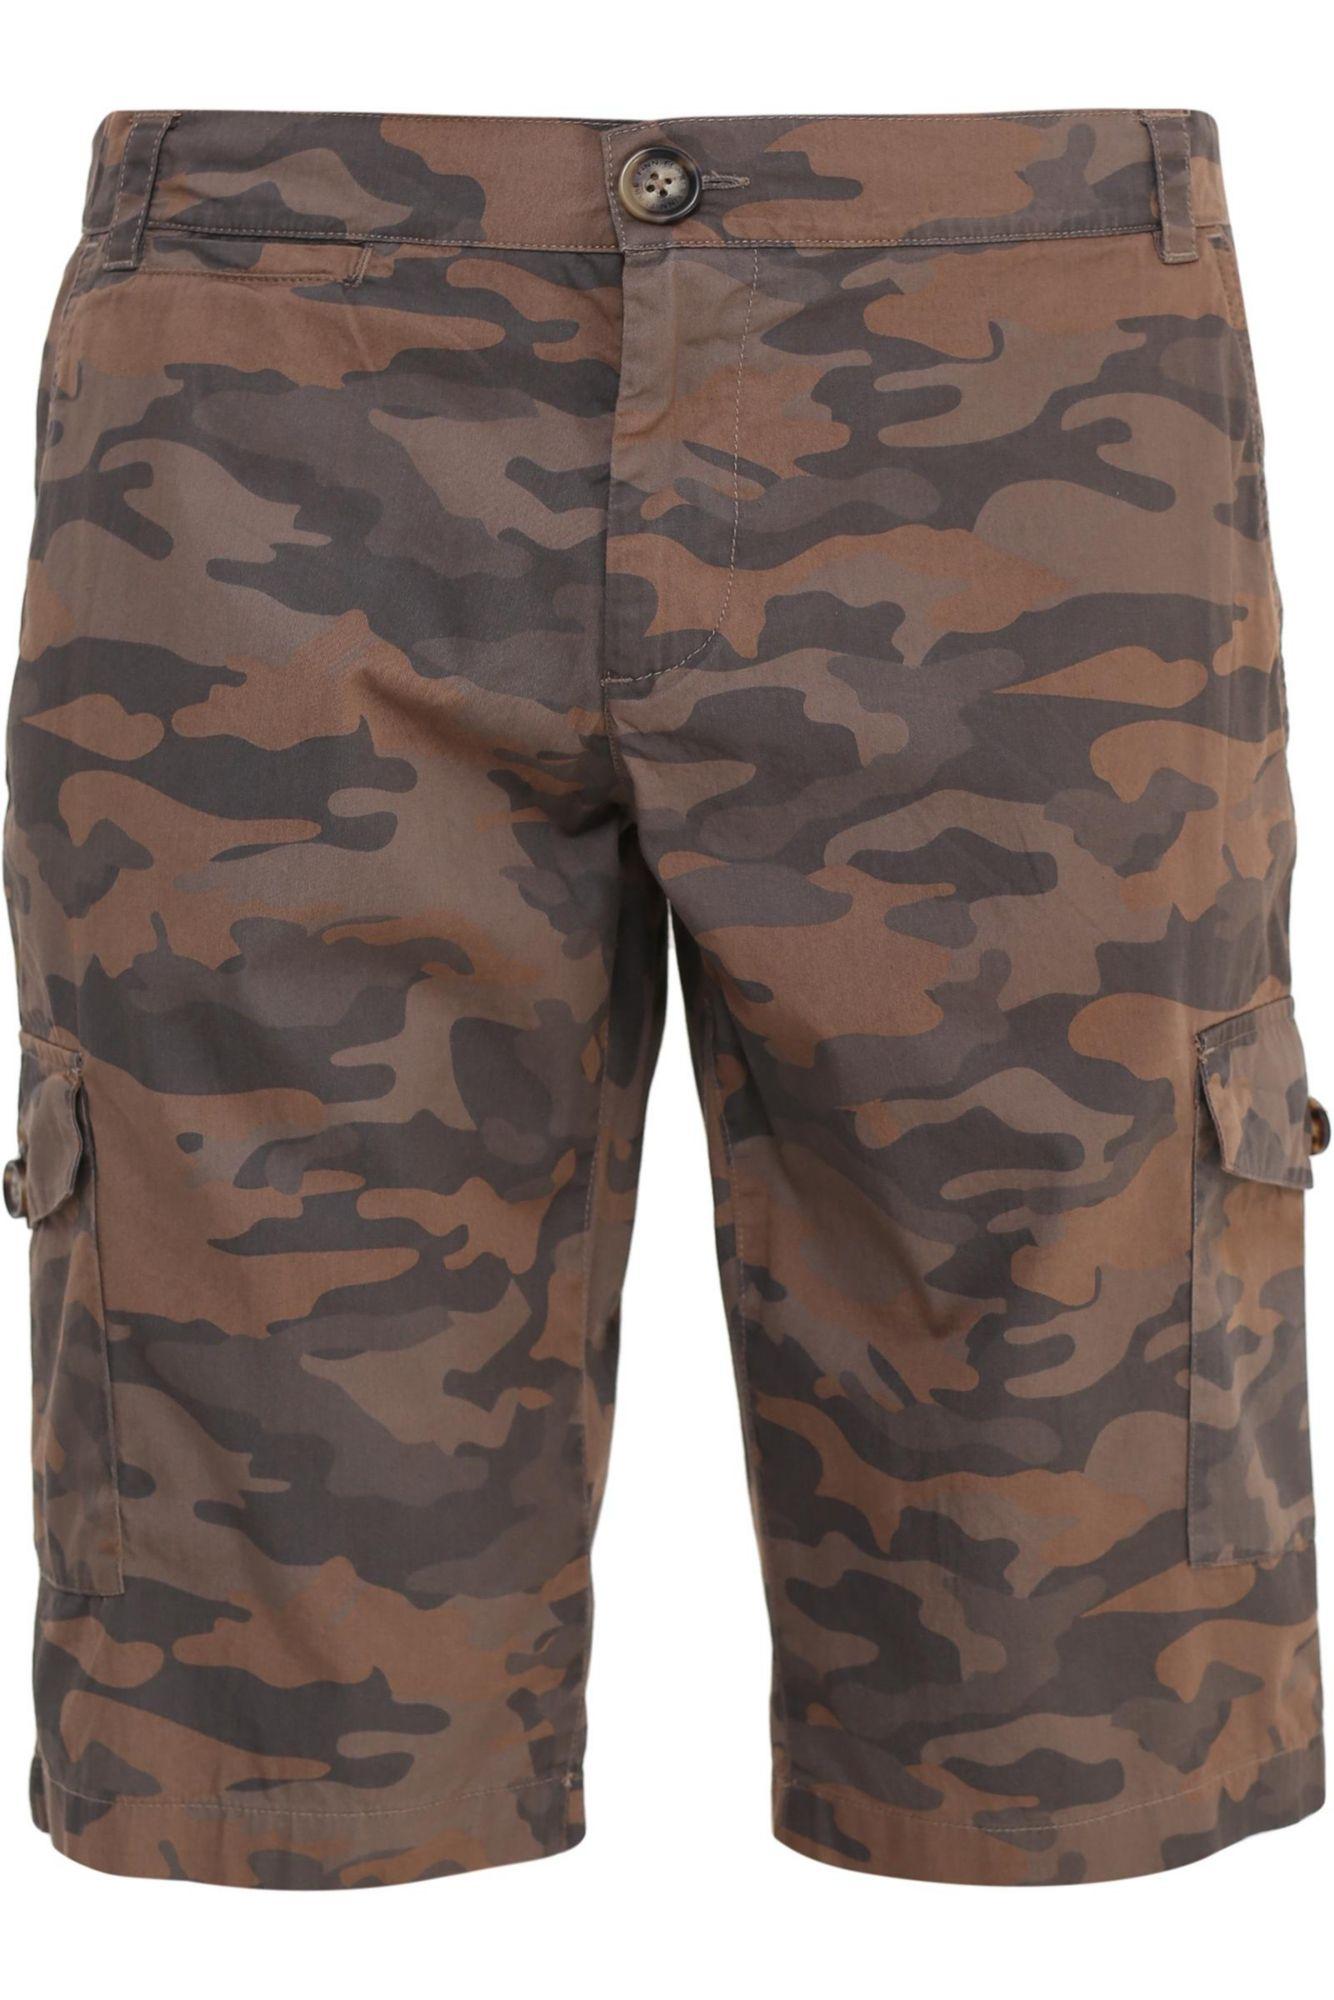 FINN FLARE Finn Flare Shorts